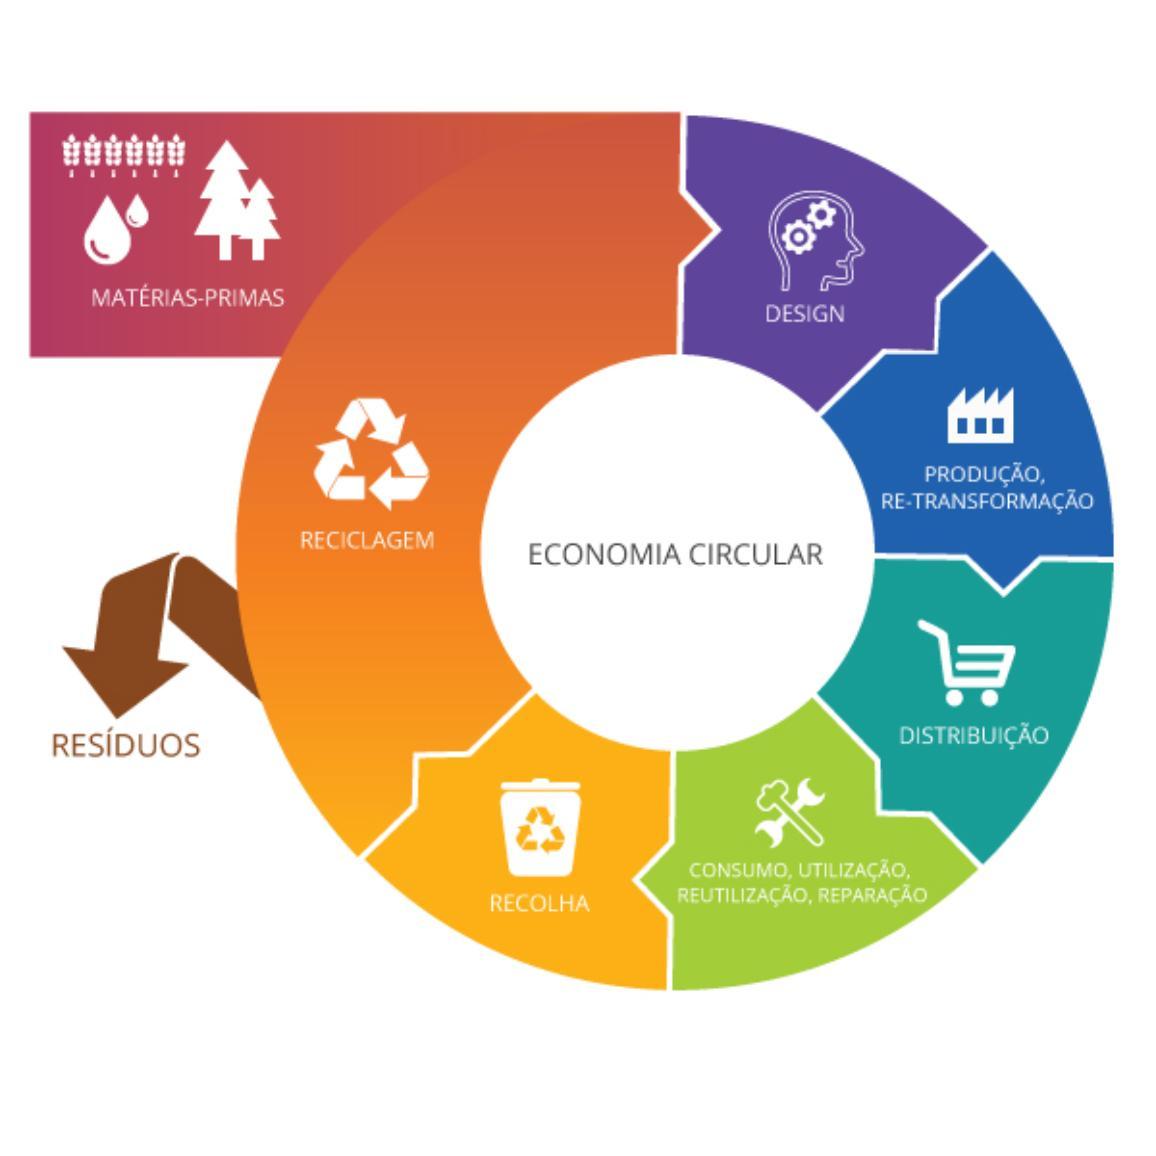 Infografia com os passos da econmia circular